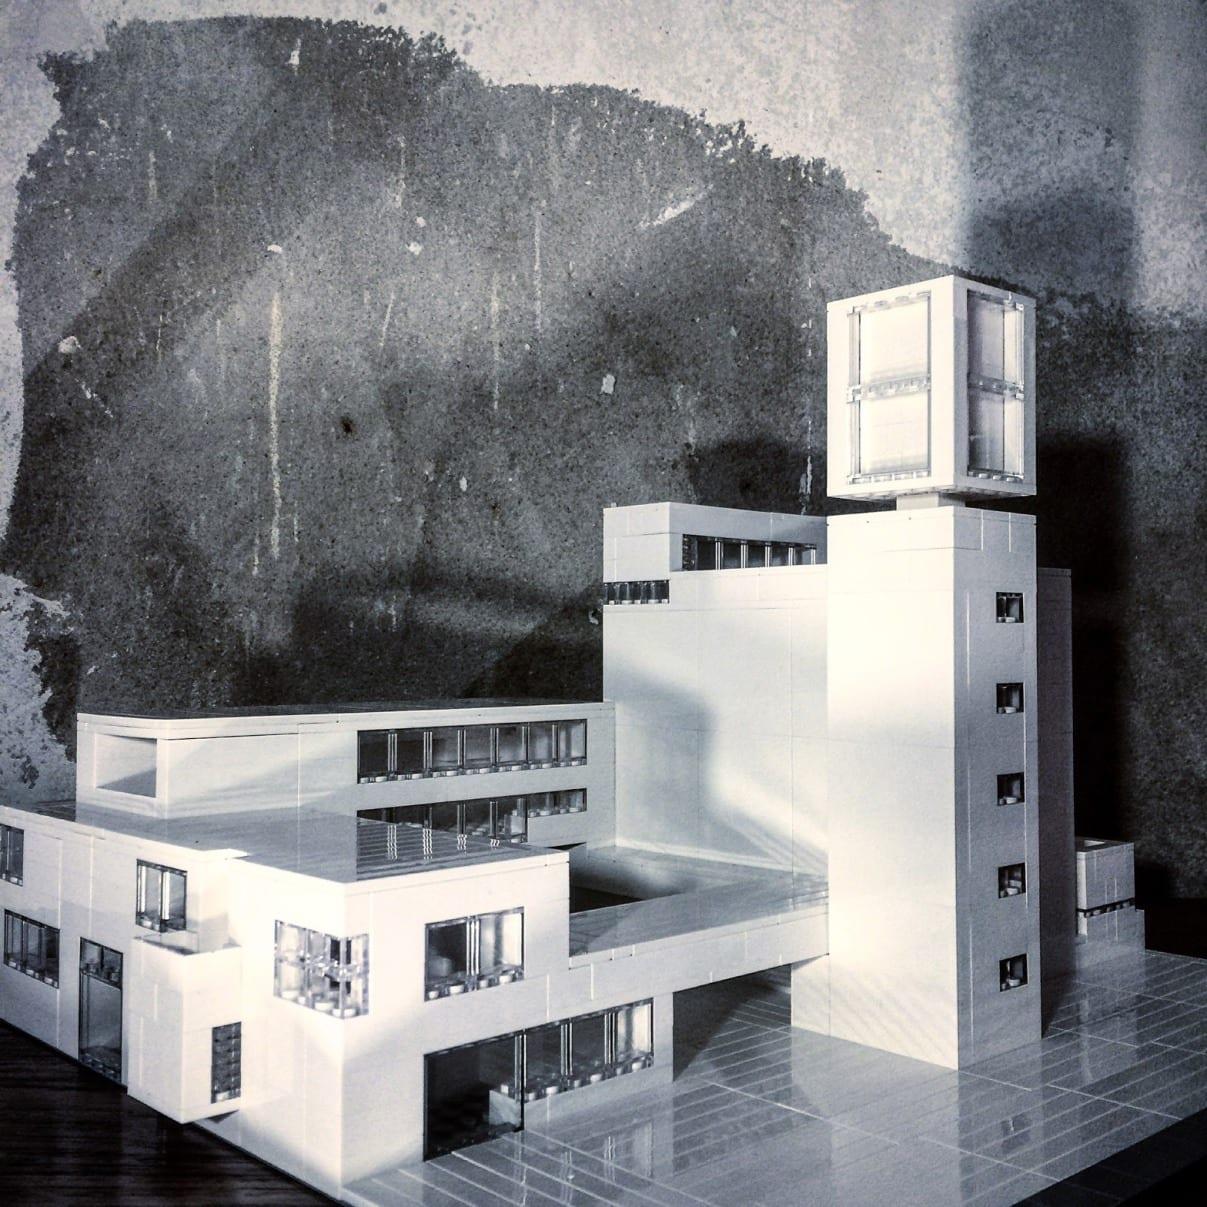 Arquitectura de Lego 7